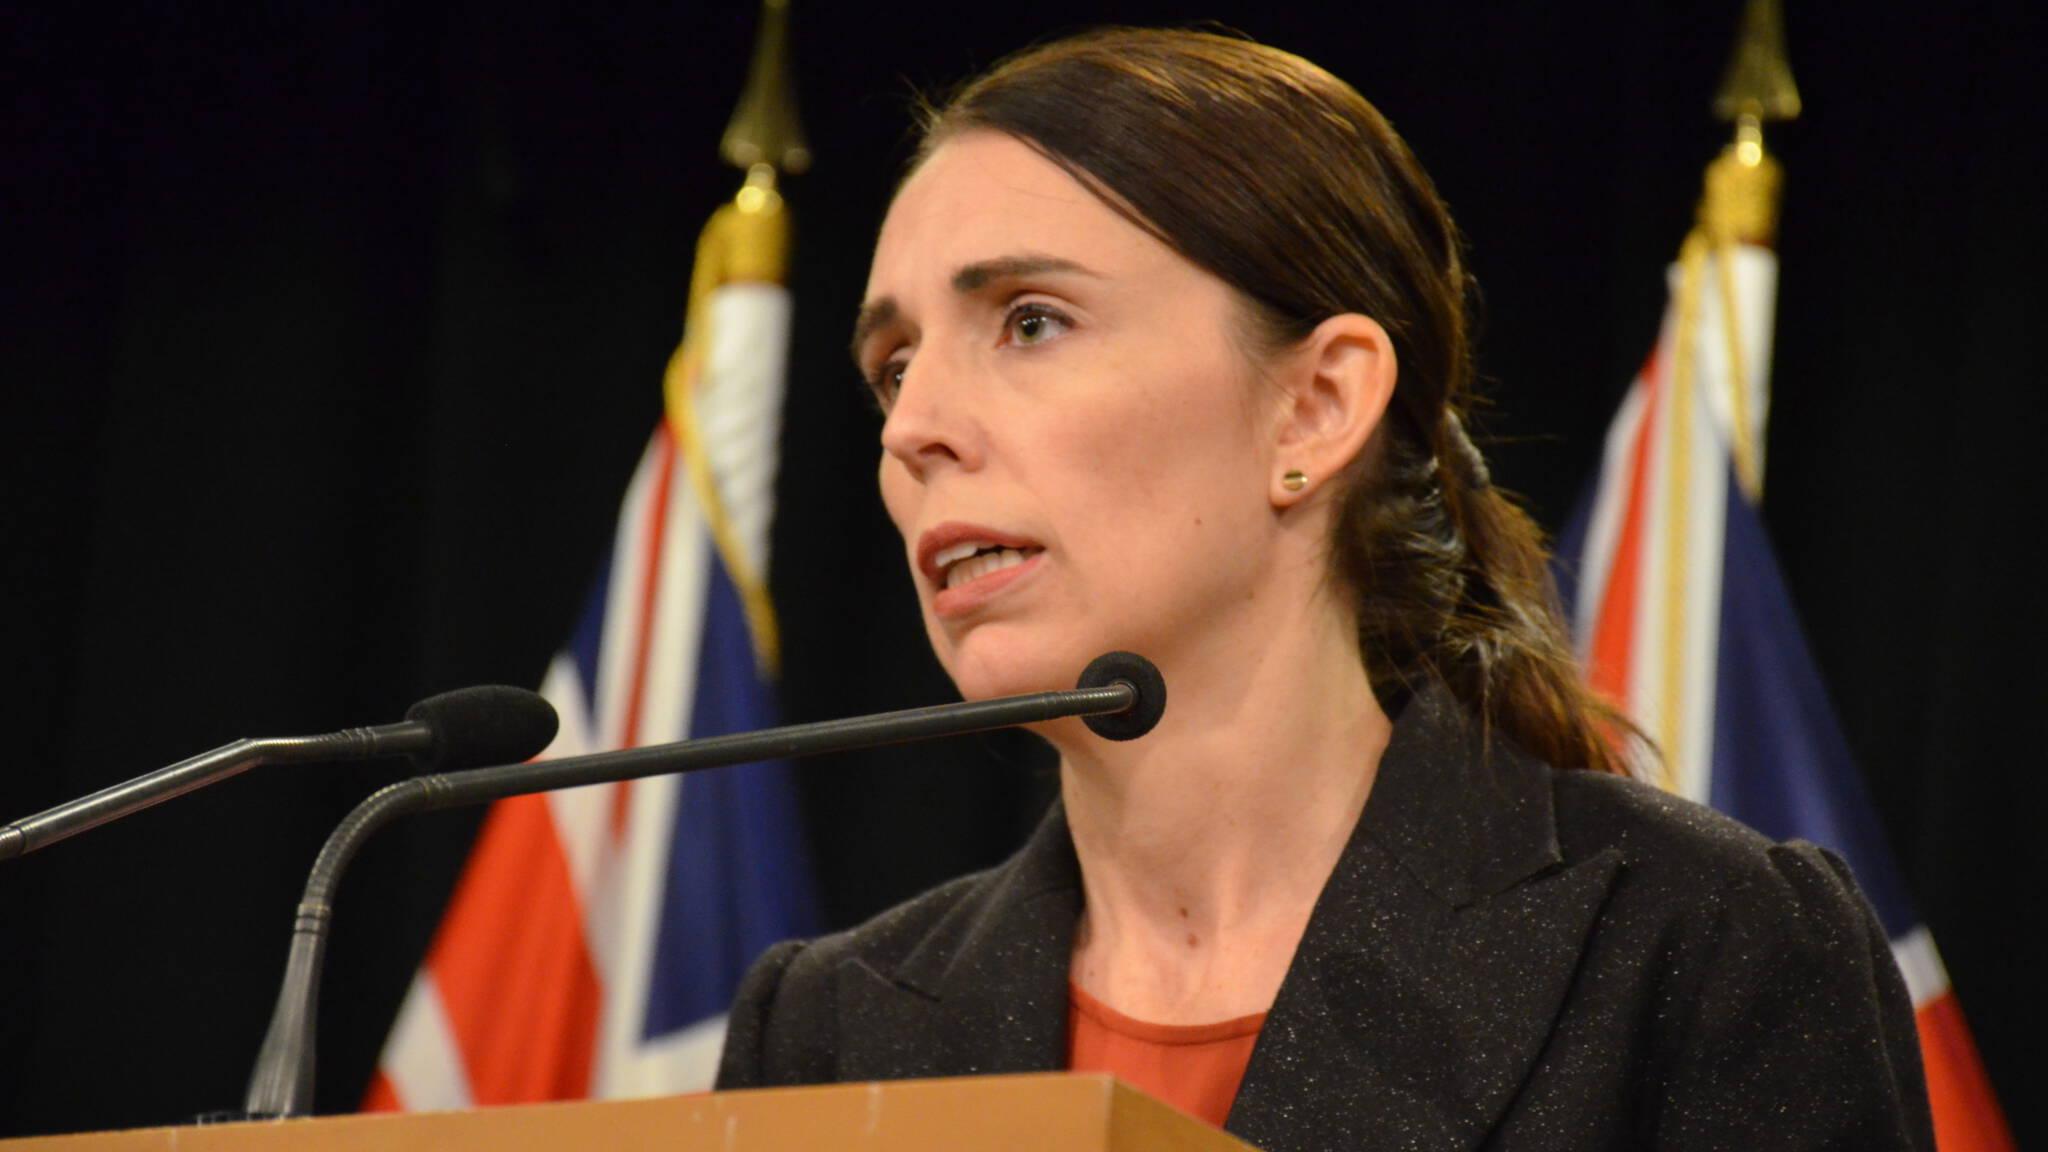 Aanslagpleger Nieuw-Zeeland Had Wapenvergunning, Niet In